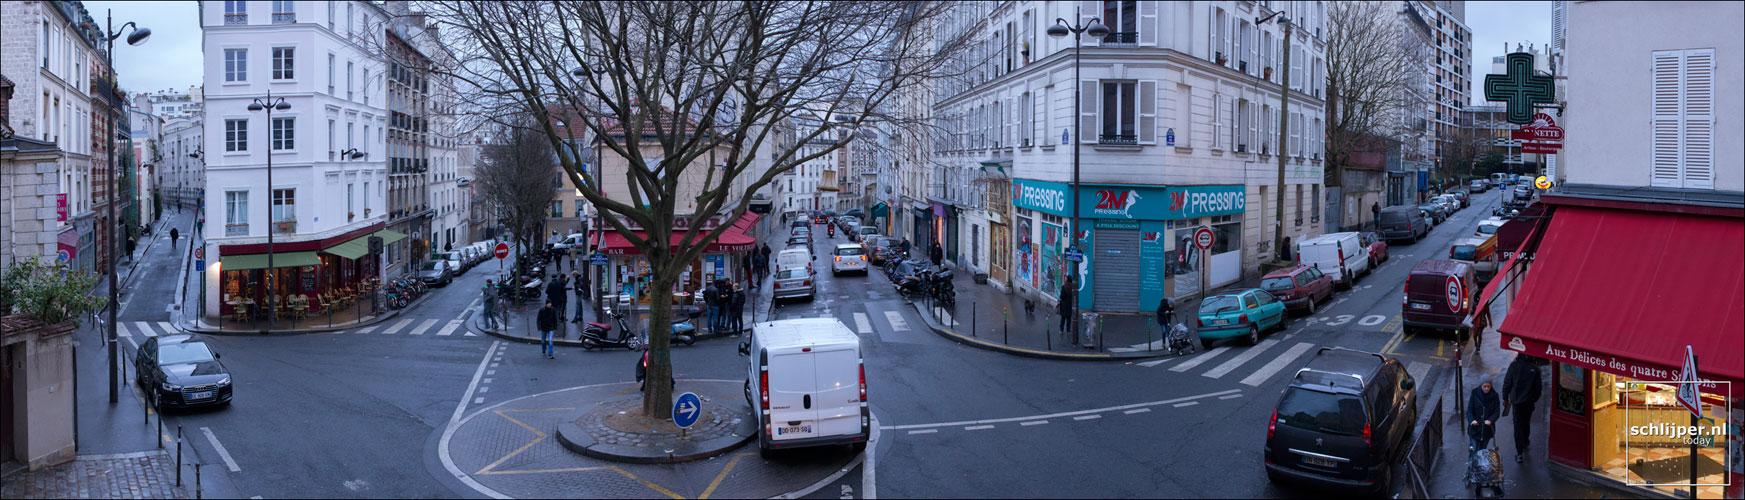 Frankrijk, Parijs, 30 januari 2017